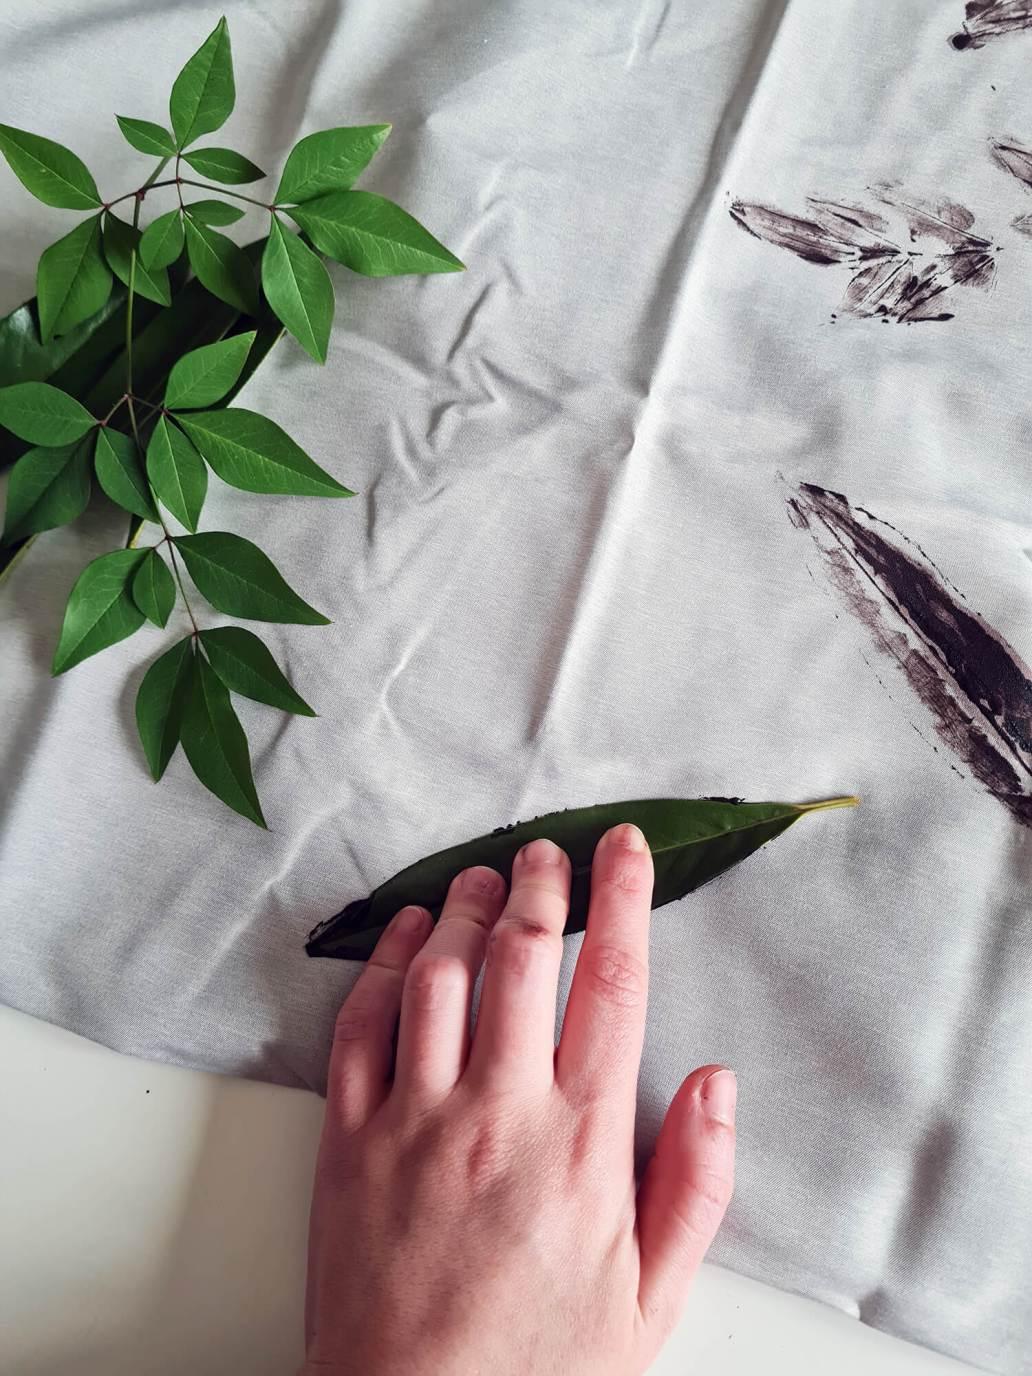 20210127 133643 - DIY : créer un coussin végétal avec des feuilles